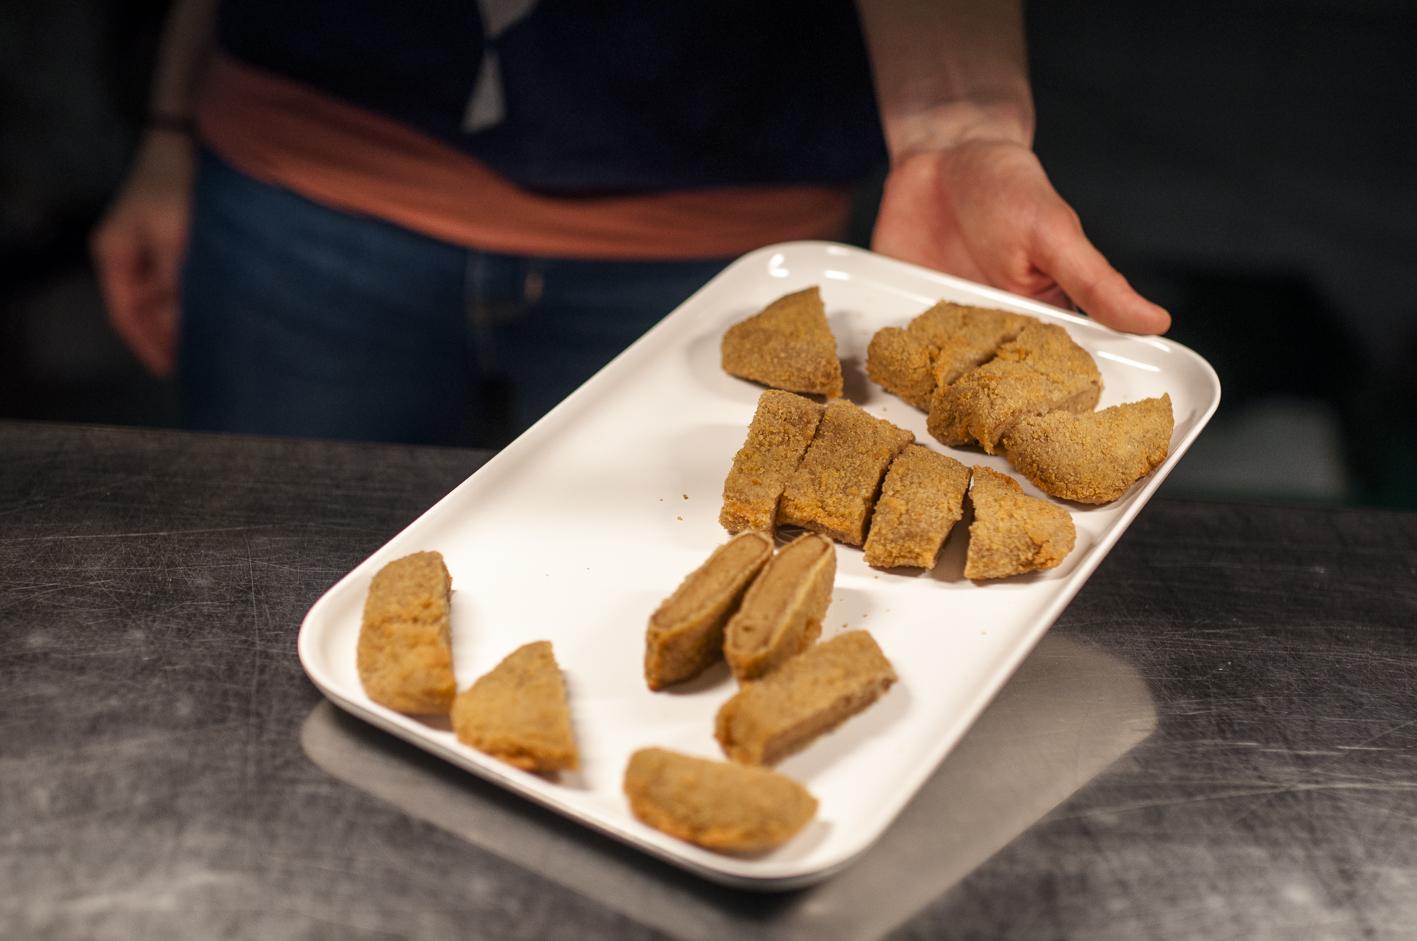 Fleischloses Bio-Fleisch, Wiener Schnitzel vegan,Tasting_forum 77, Bio 3.0, #biodreinull, Verkostung, vegan, vegetarisch, Fleischersatz